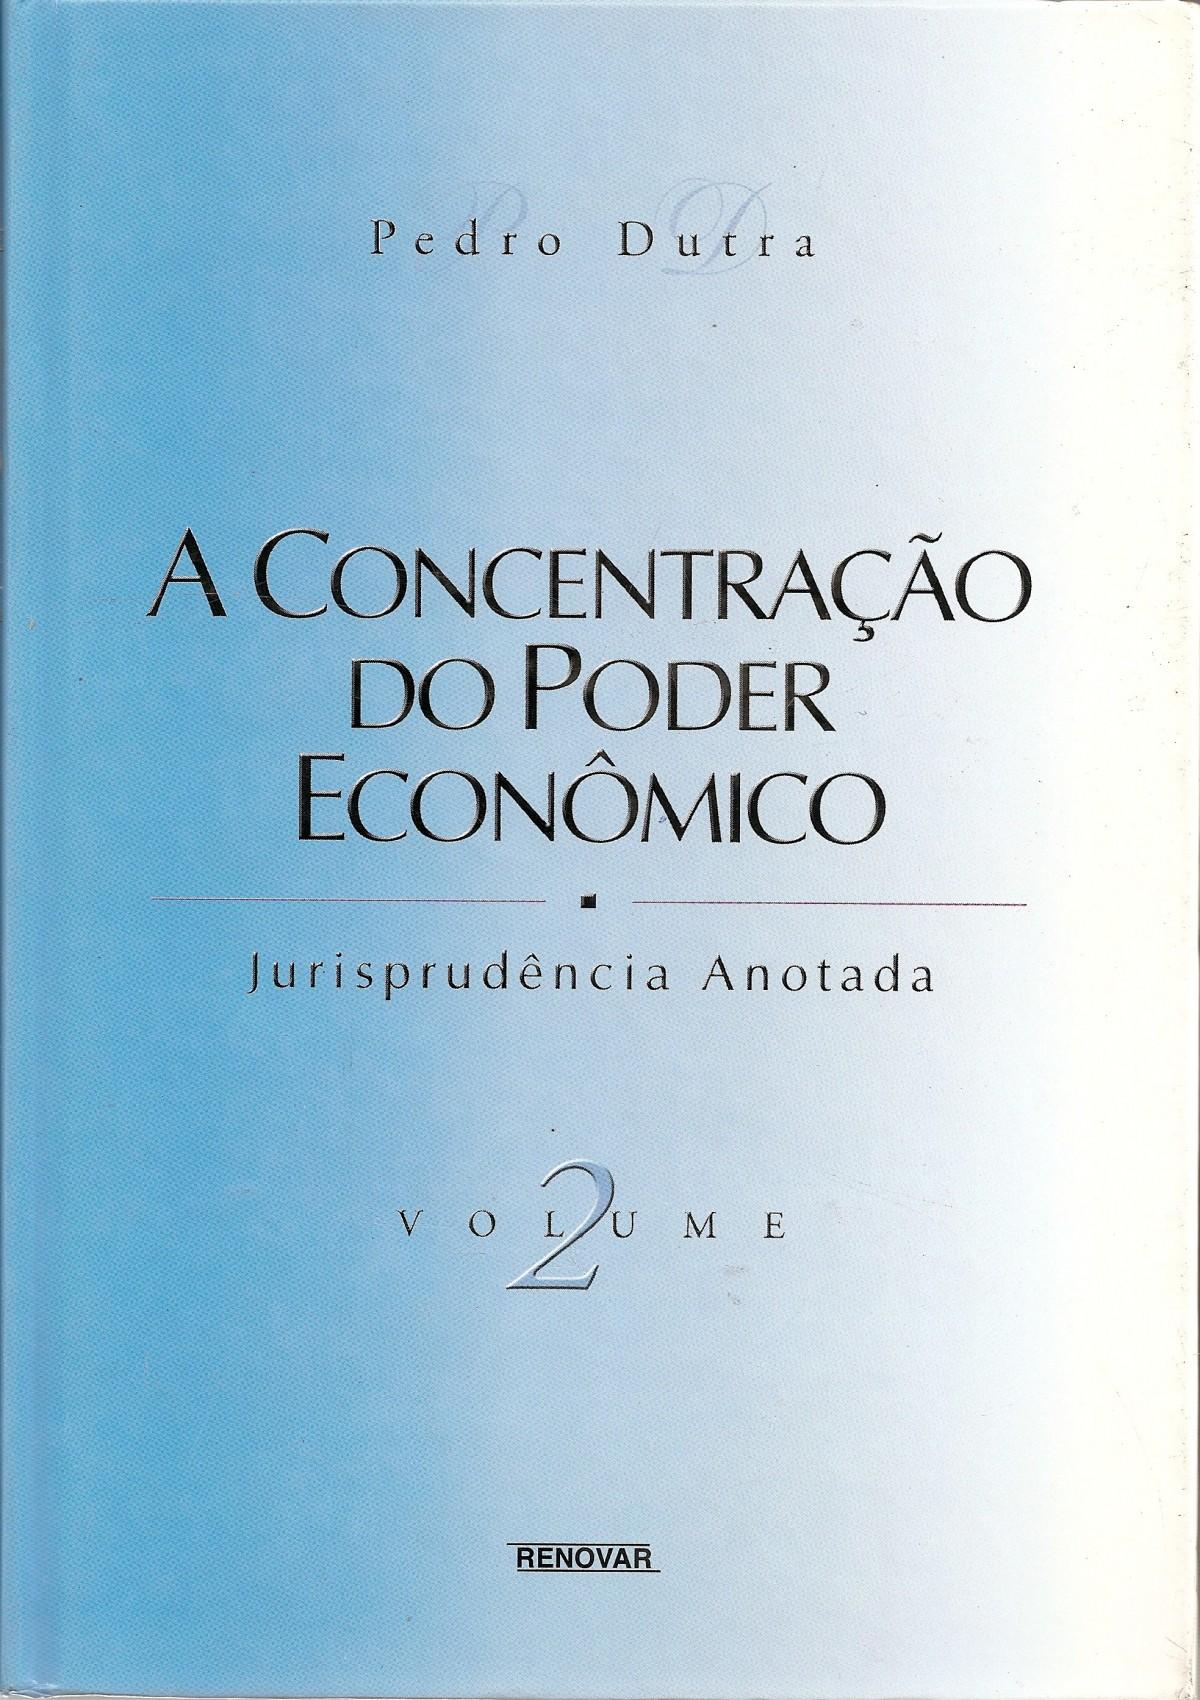 Foto2 - A Concentração do Poder Econômico - Jurisprudência Anotada - Volumes I e II